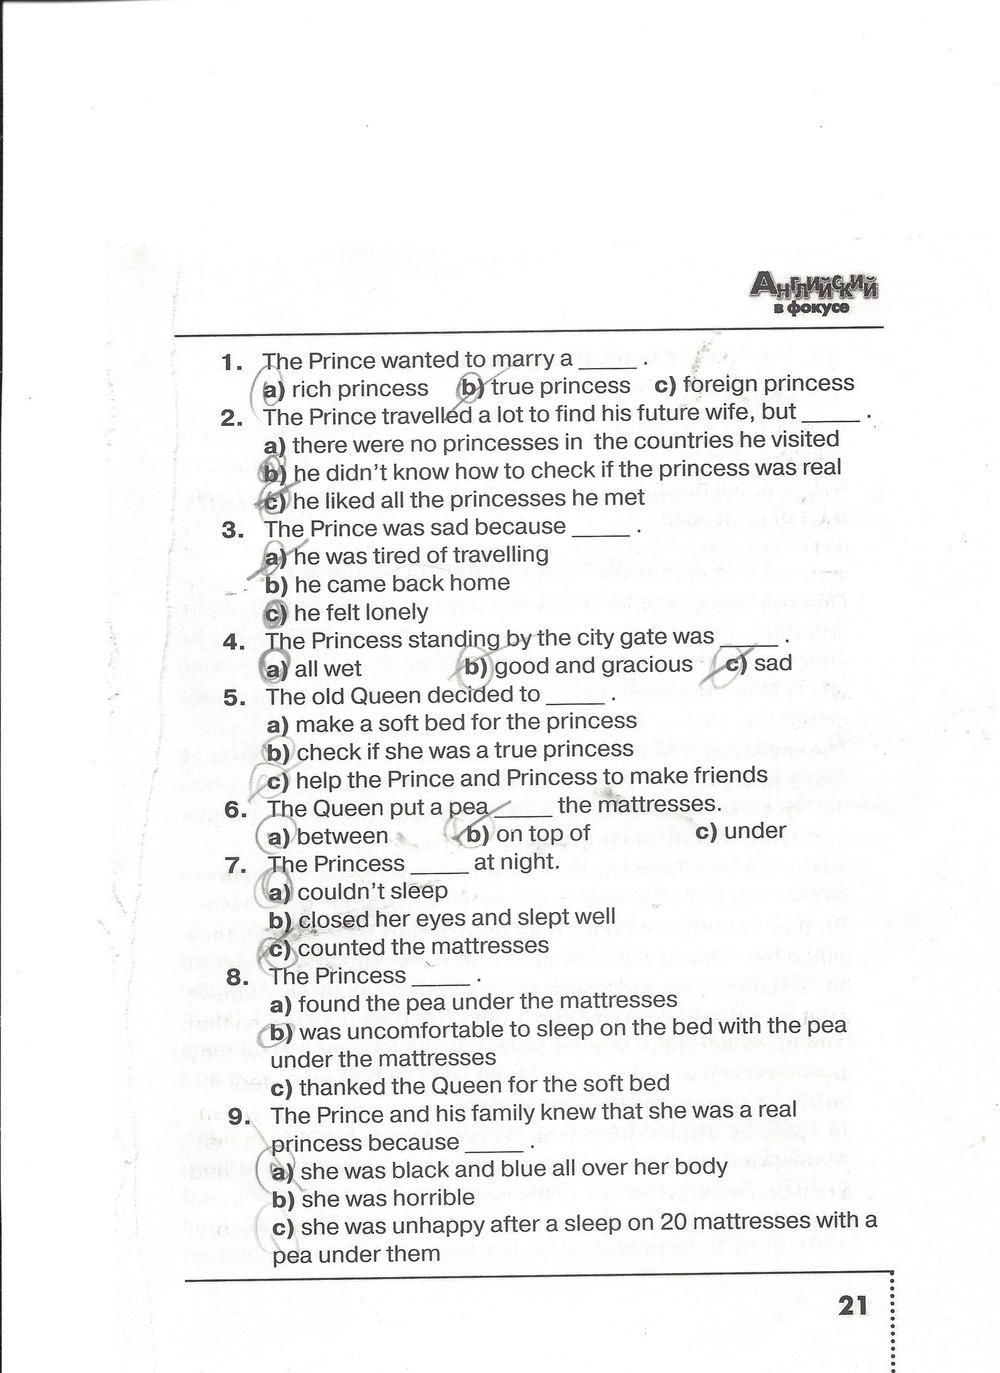 Готовые домашние задания по английскому языку для 7 класса в рабочей тетради